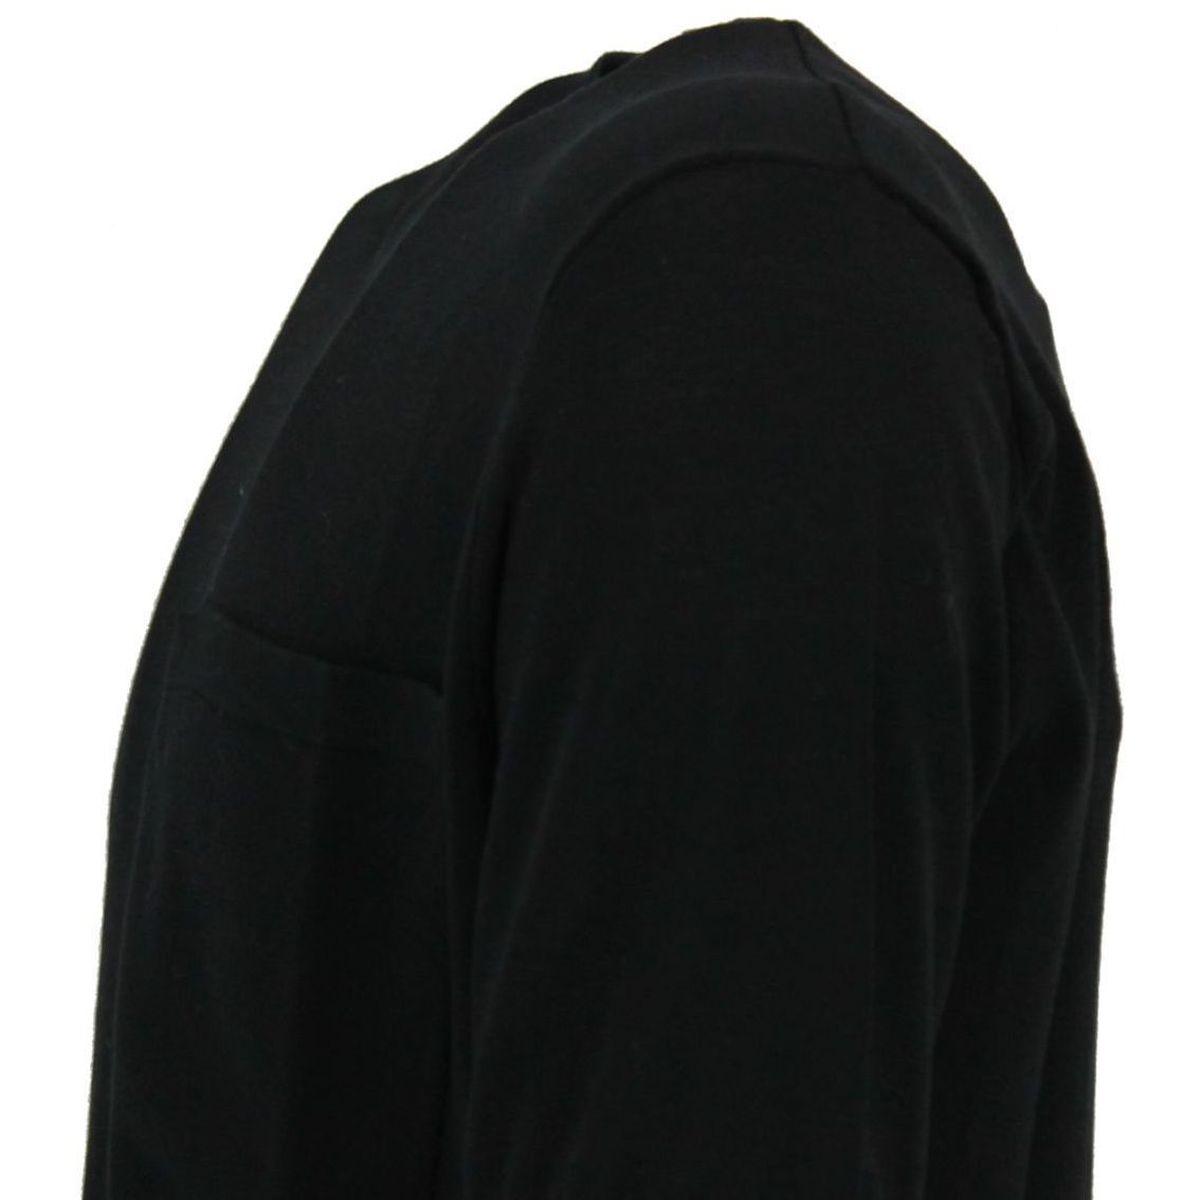 T-Shirt maniche corte con taschino applicato bicolore Nero Paolo Pecora Milano